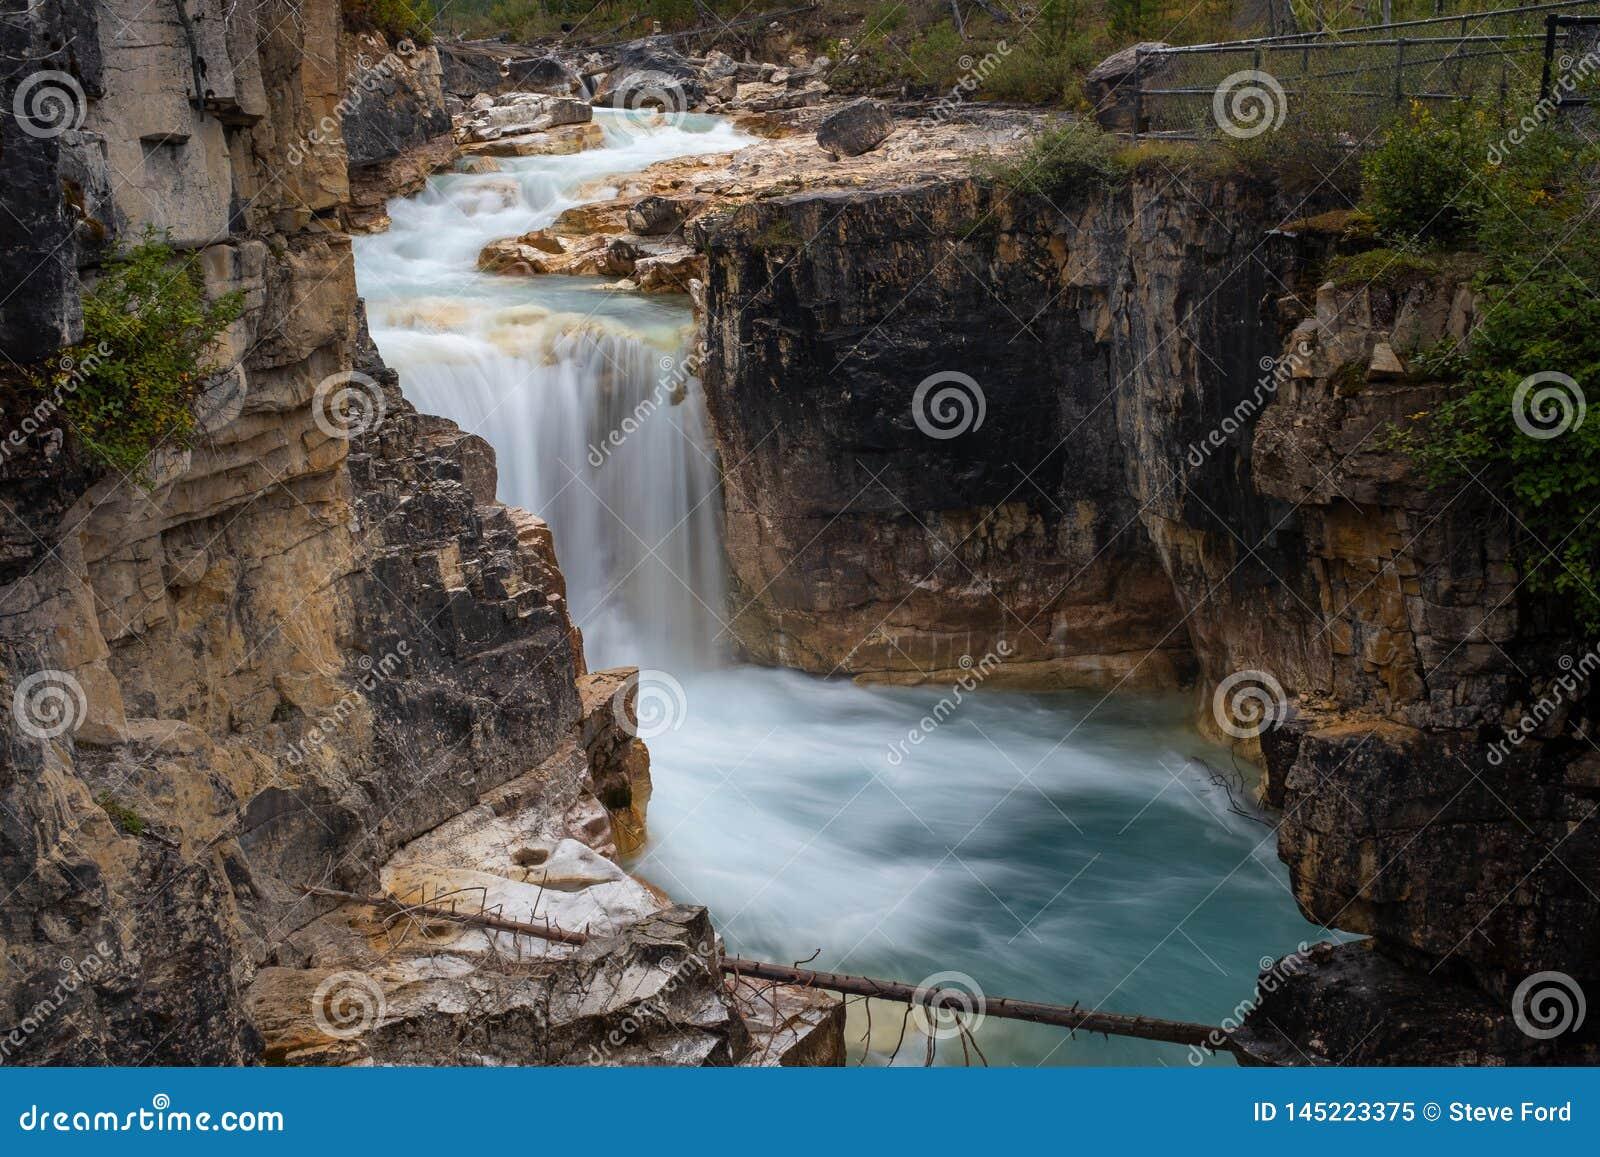 Marmorschlucht-Wasserfall, Nationalpark Kootenay, Kanada in vollem Umfang, genommen mit einer langen Belichtung, um auszugleichen